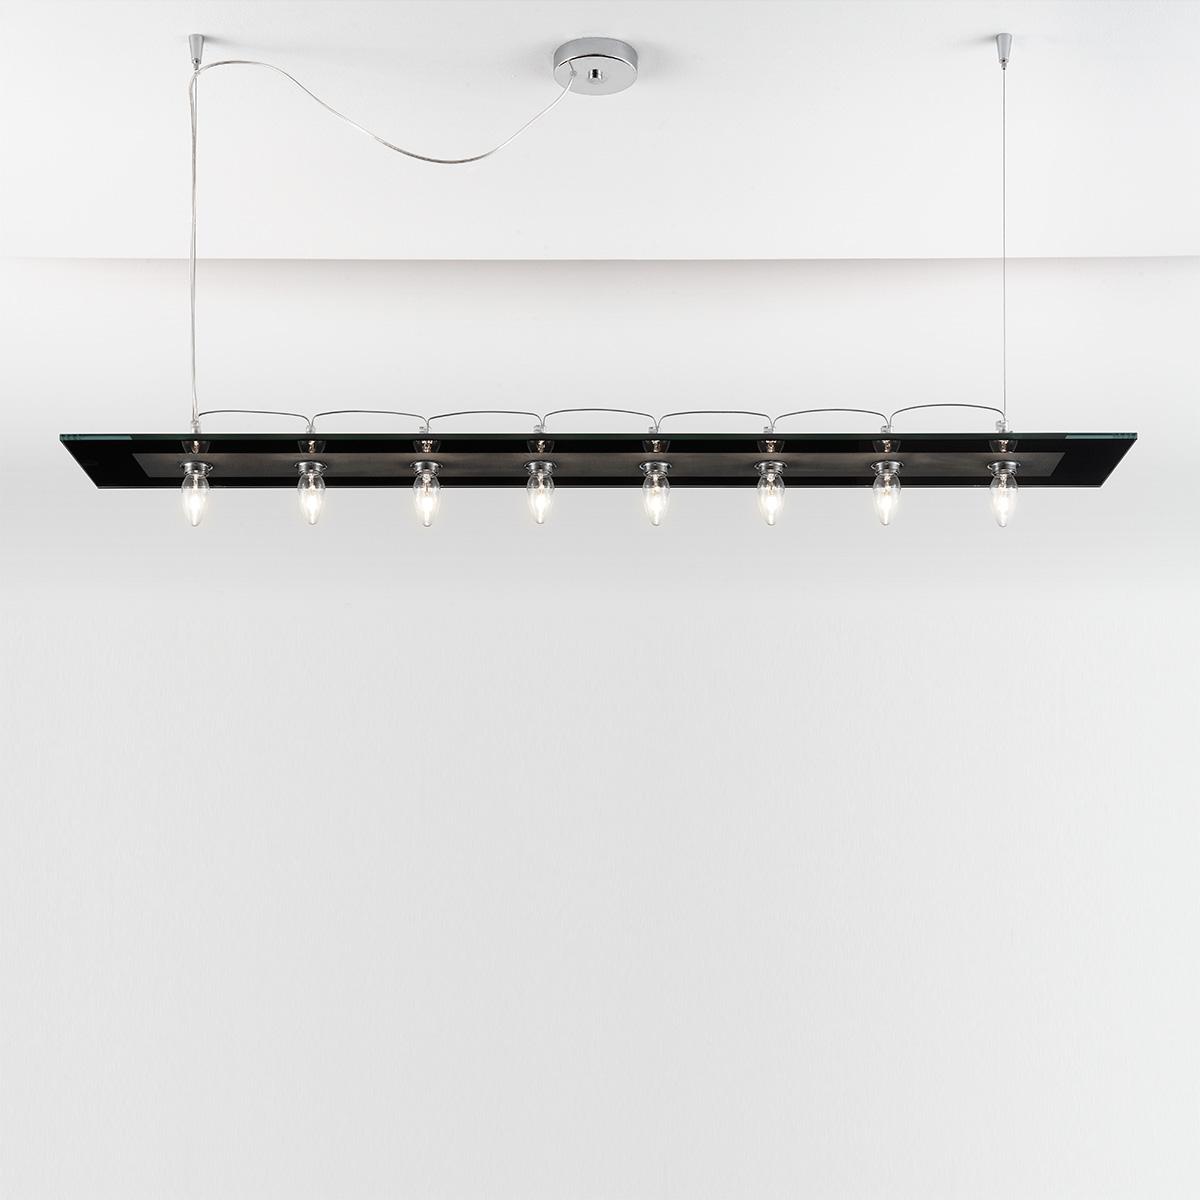 Μοντέρνο 8φωτο κρεμαστό φωτιστικό VETRO modern 8-bulb chandelier